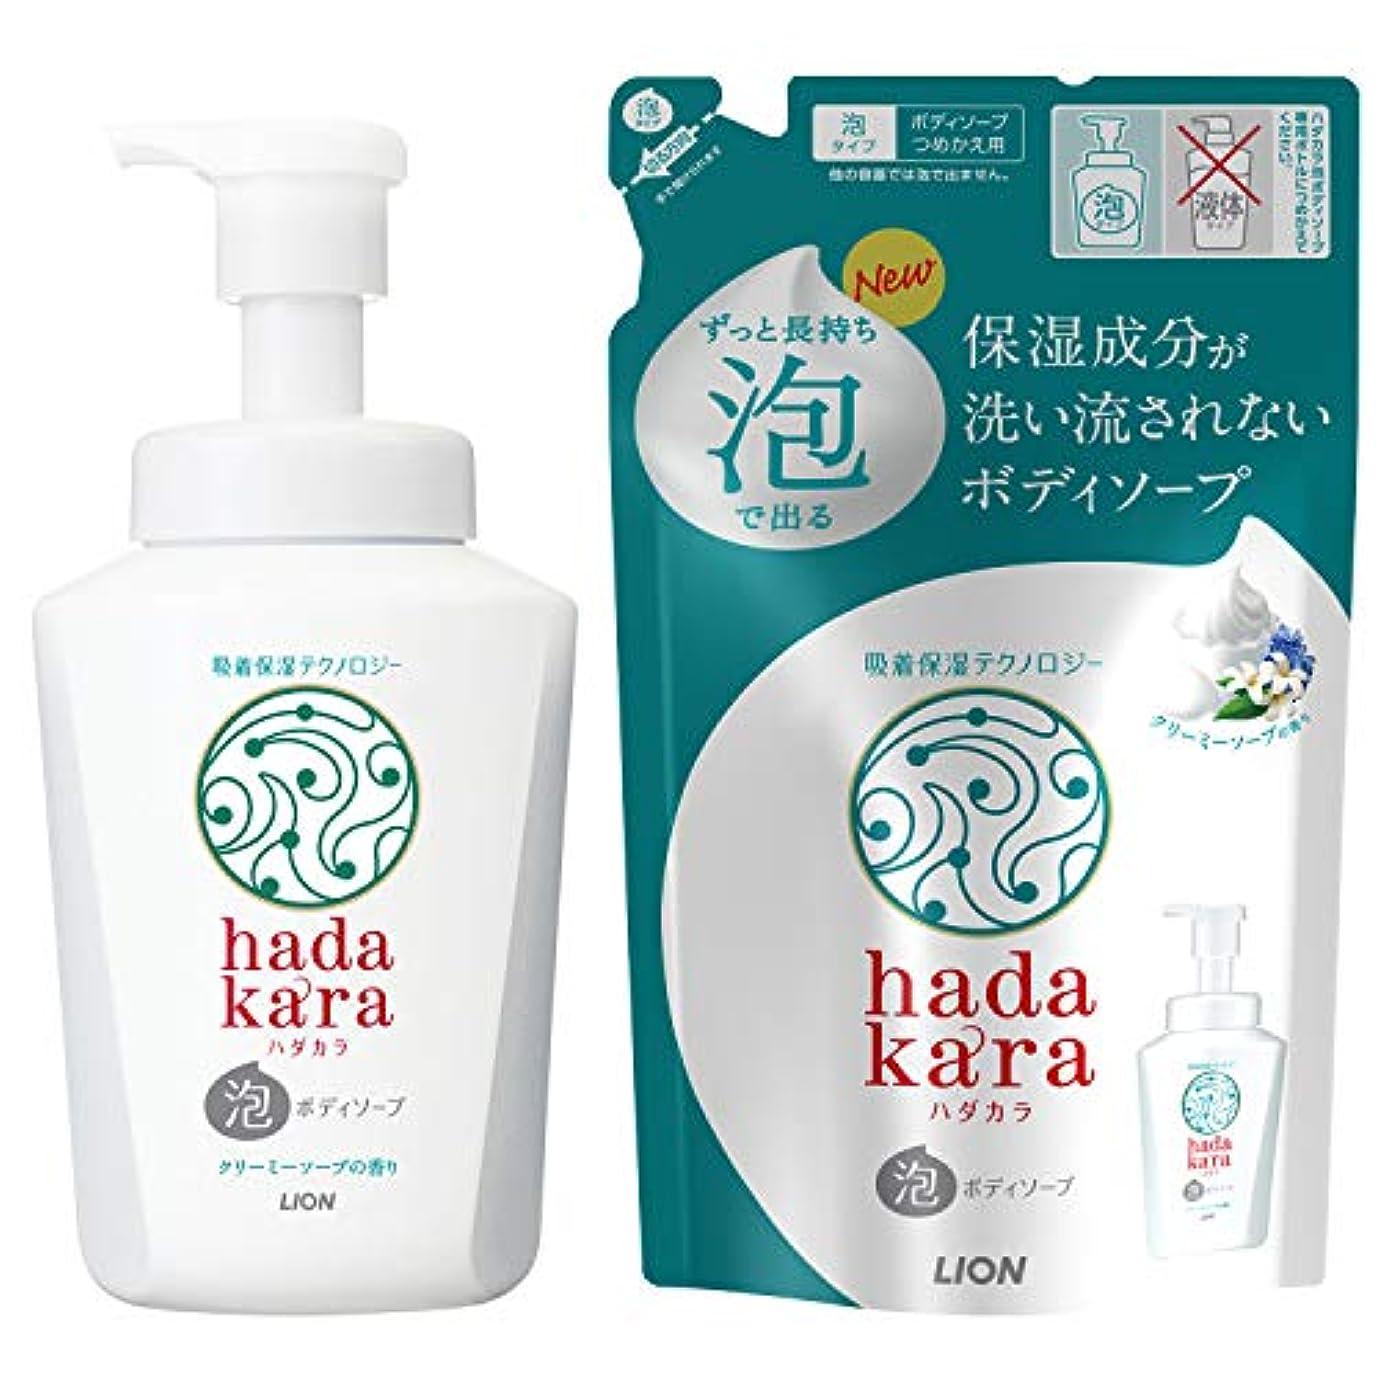 起業家なぜなら団結するhadakara(ハダカラ) ボディソープ 泡タイプ クリーミーソープの香り 本体550ml+詰替440ml